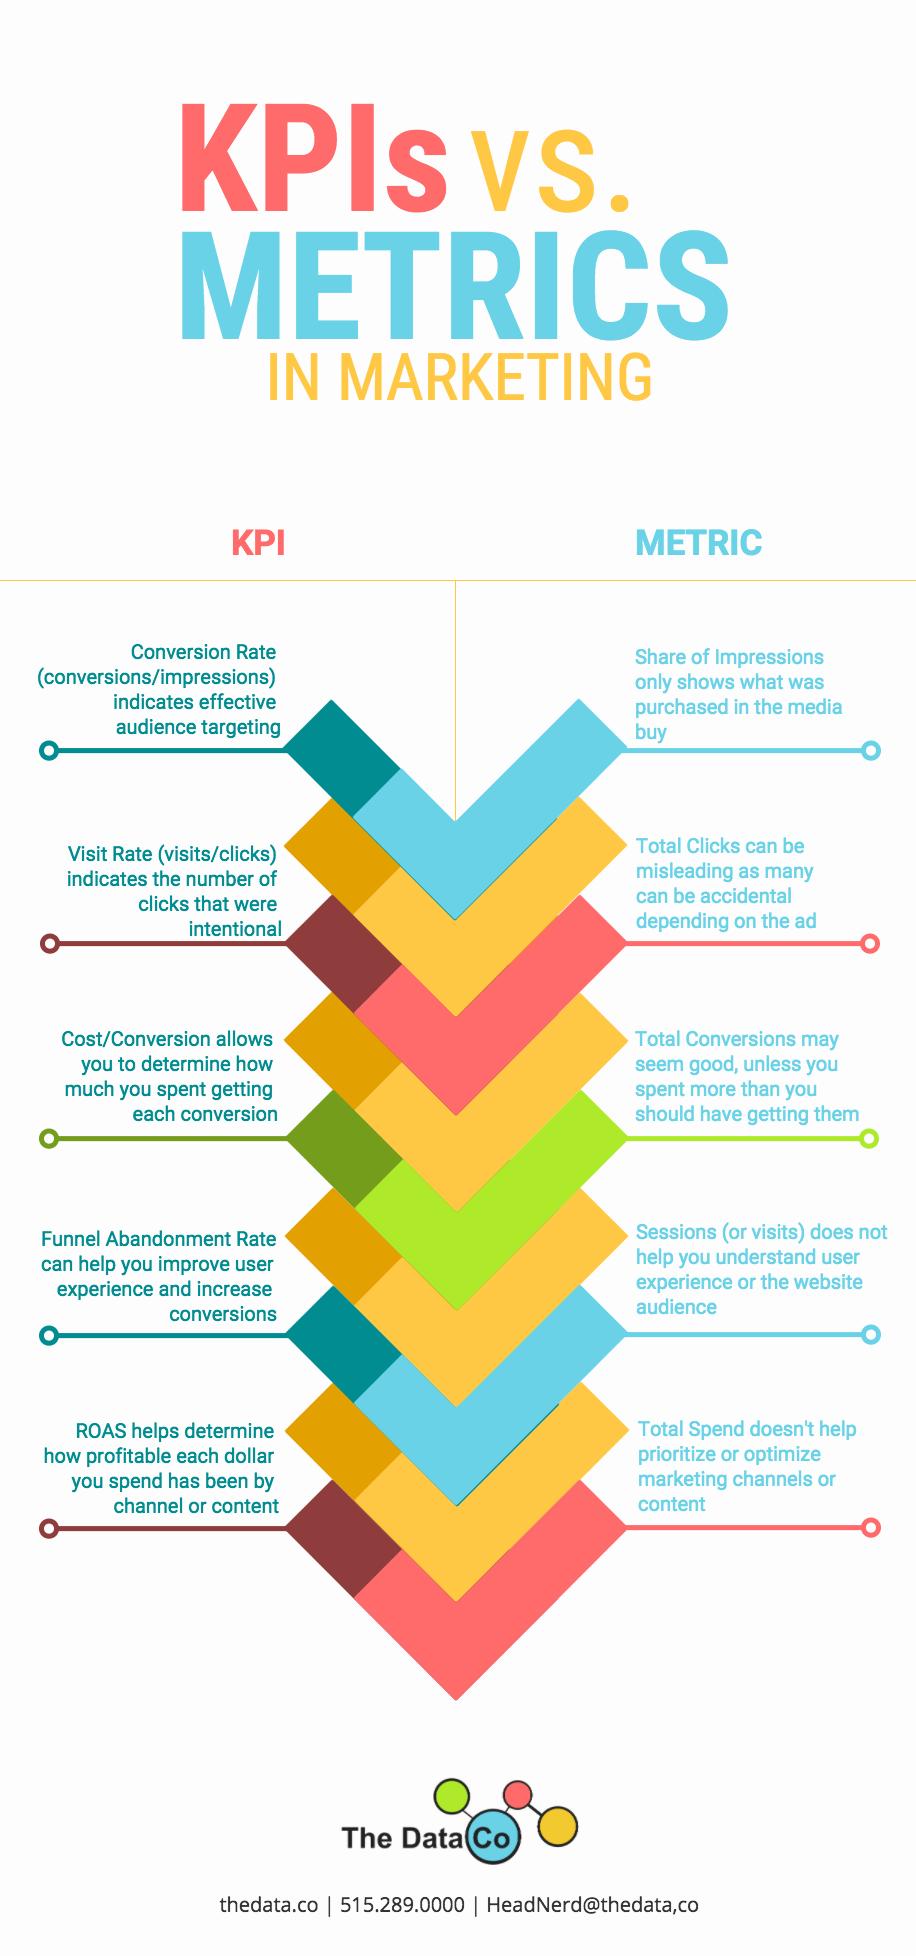 kpisVSmetrics